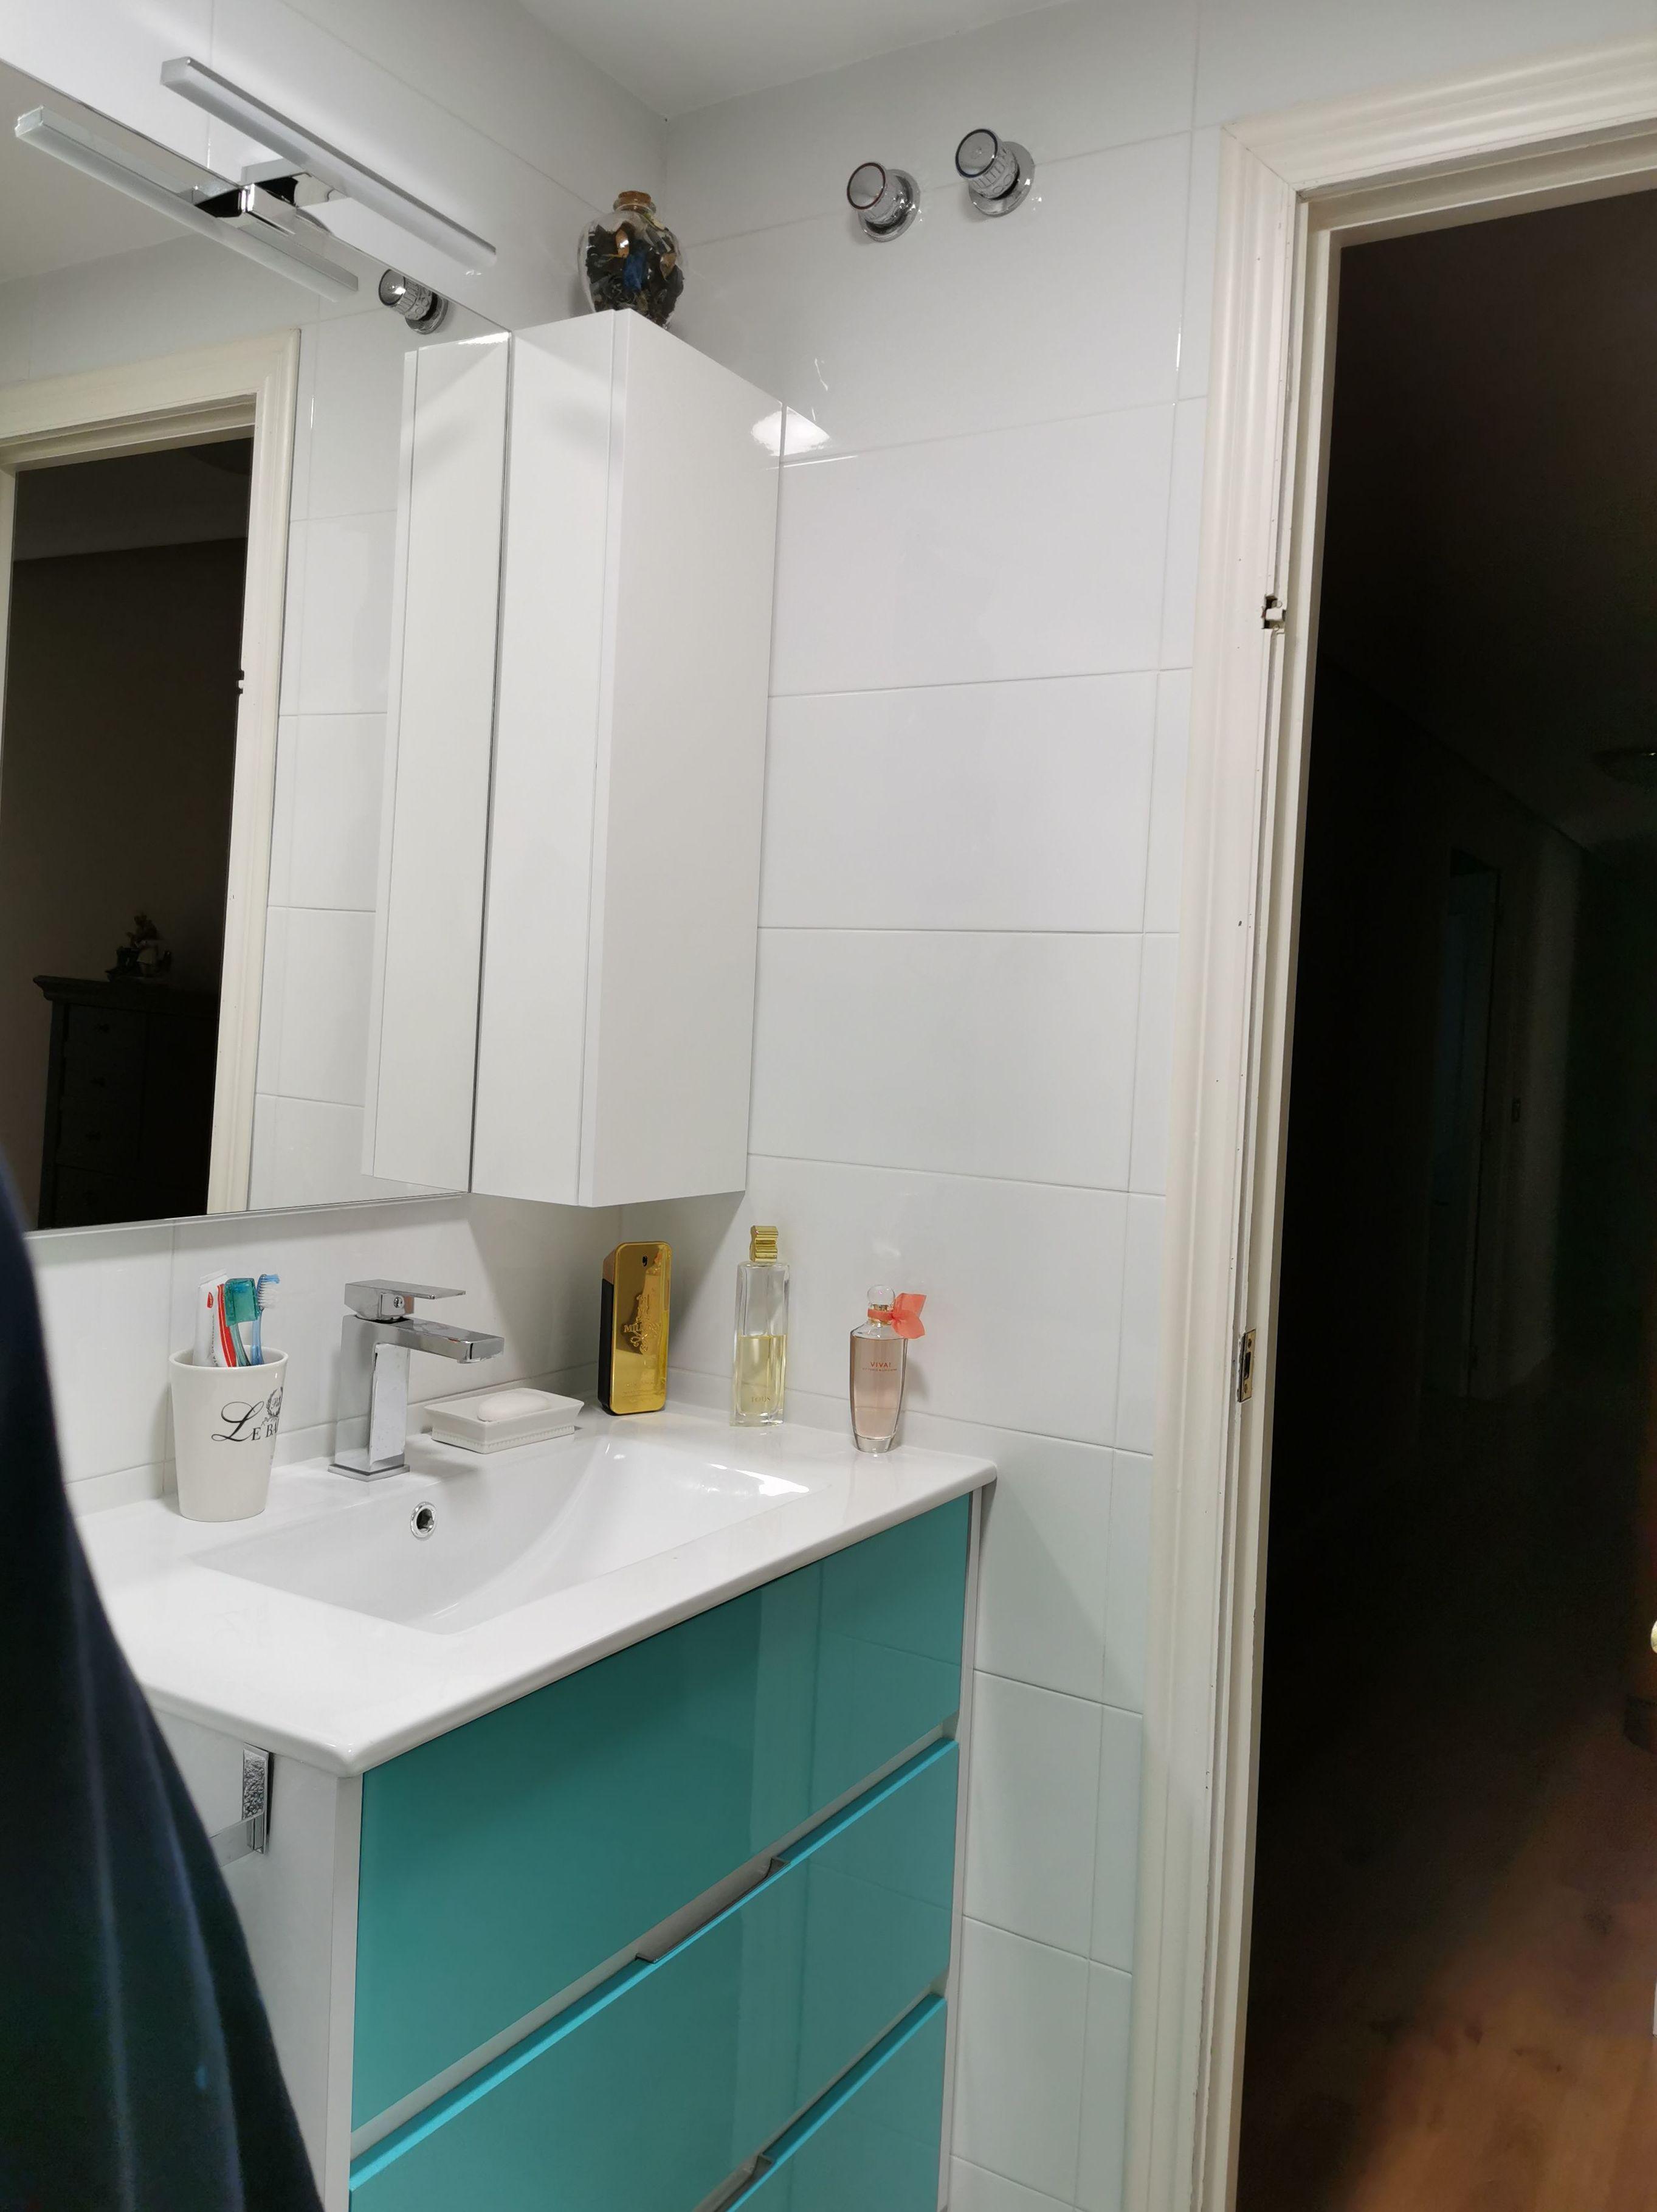 Foto 30 de Reformas en baños y cocinas en Trobajo del Camino   F. Alba, cocinas y baños